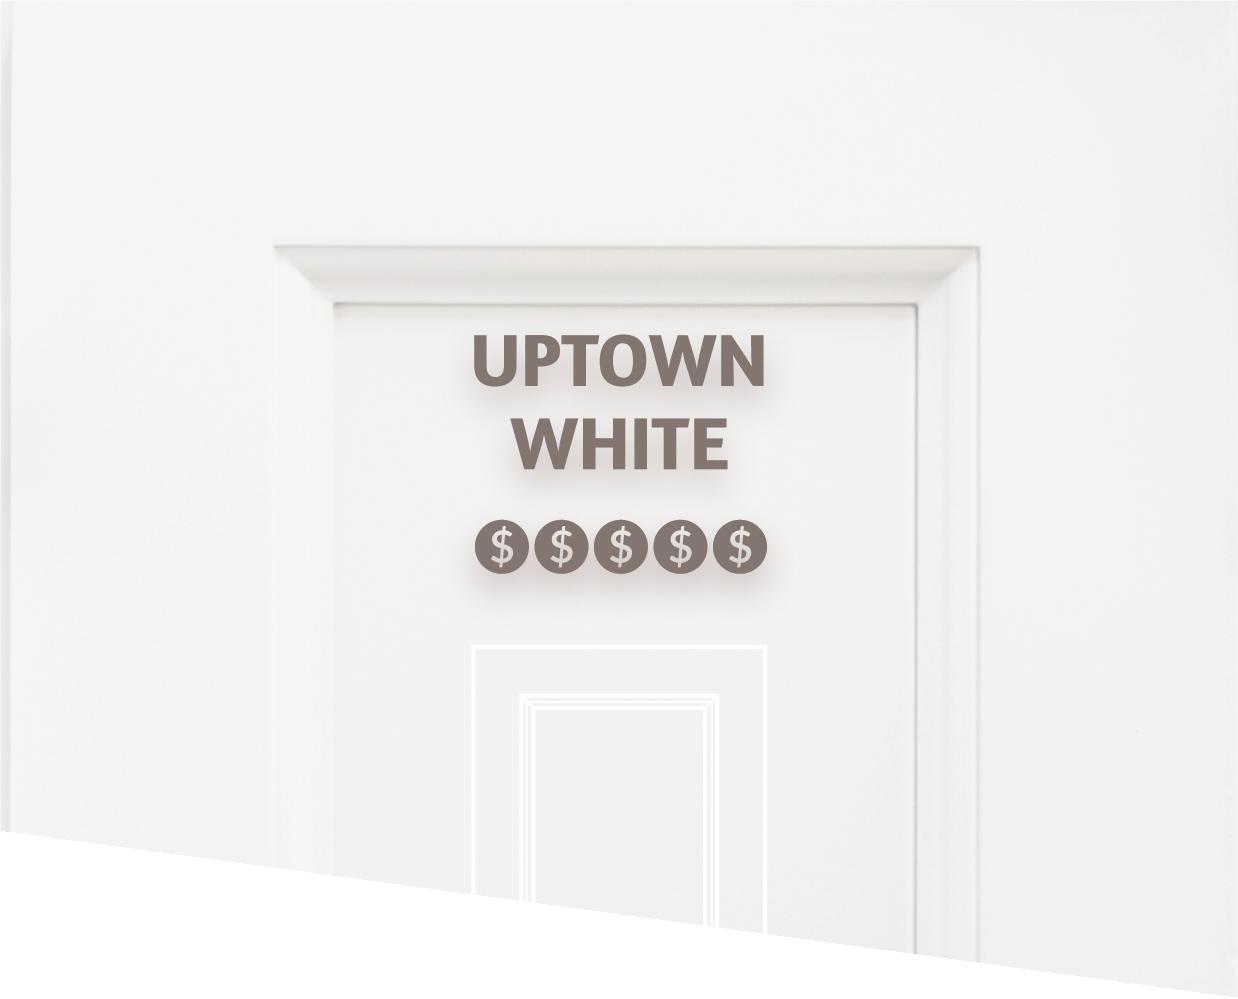 uptown-white-door.png